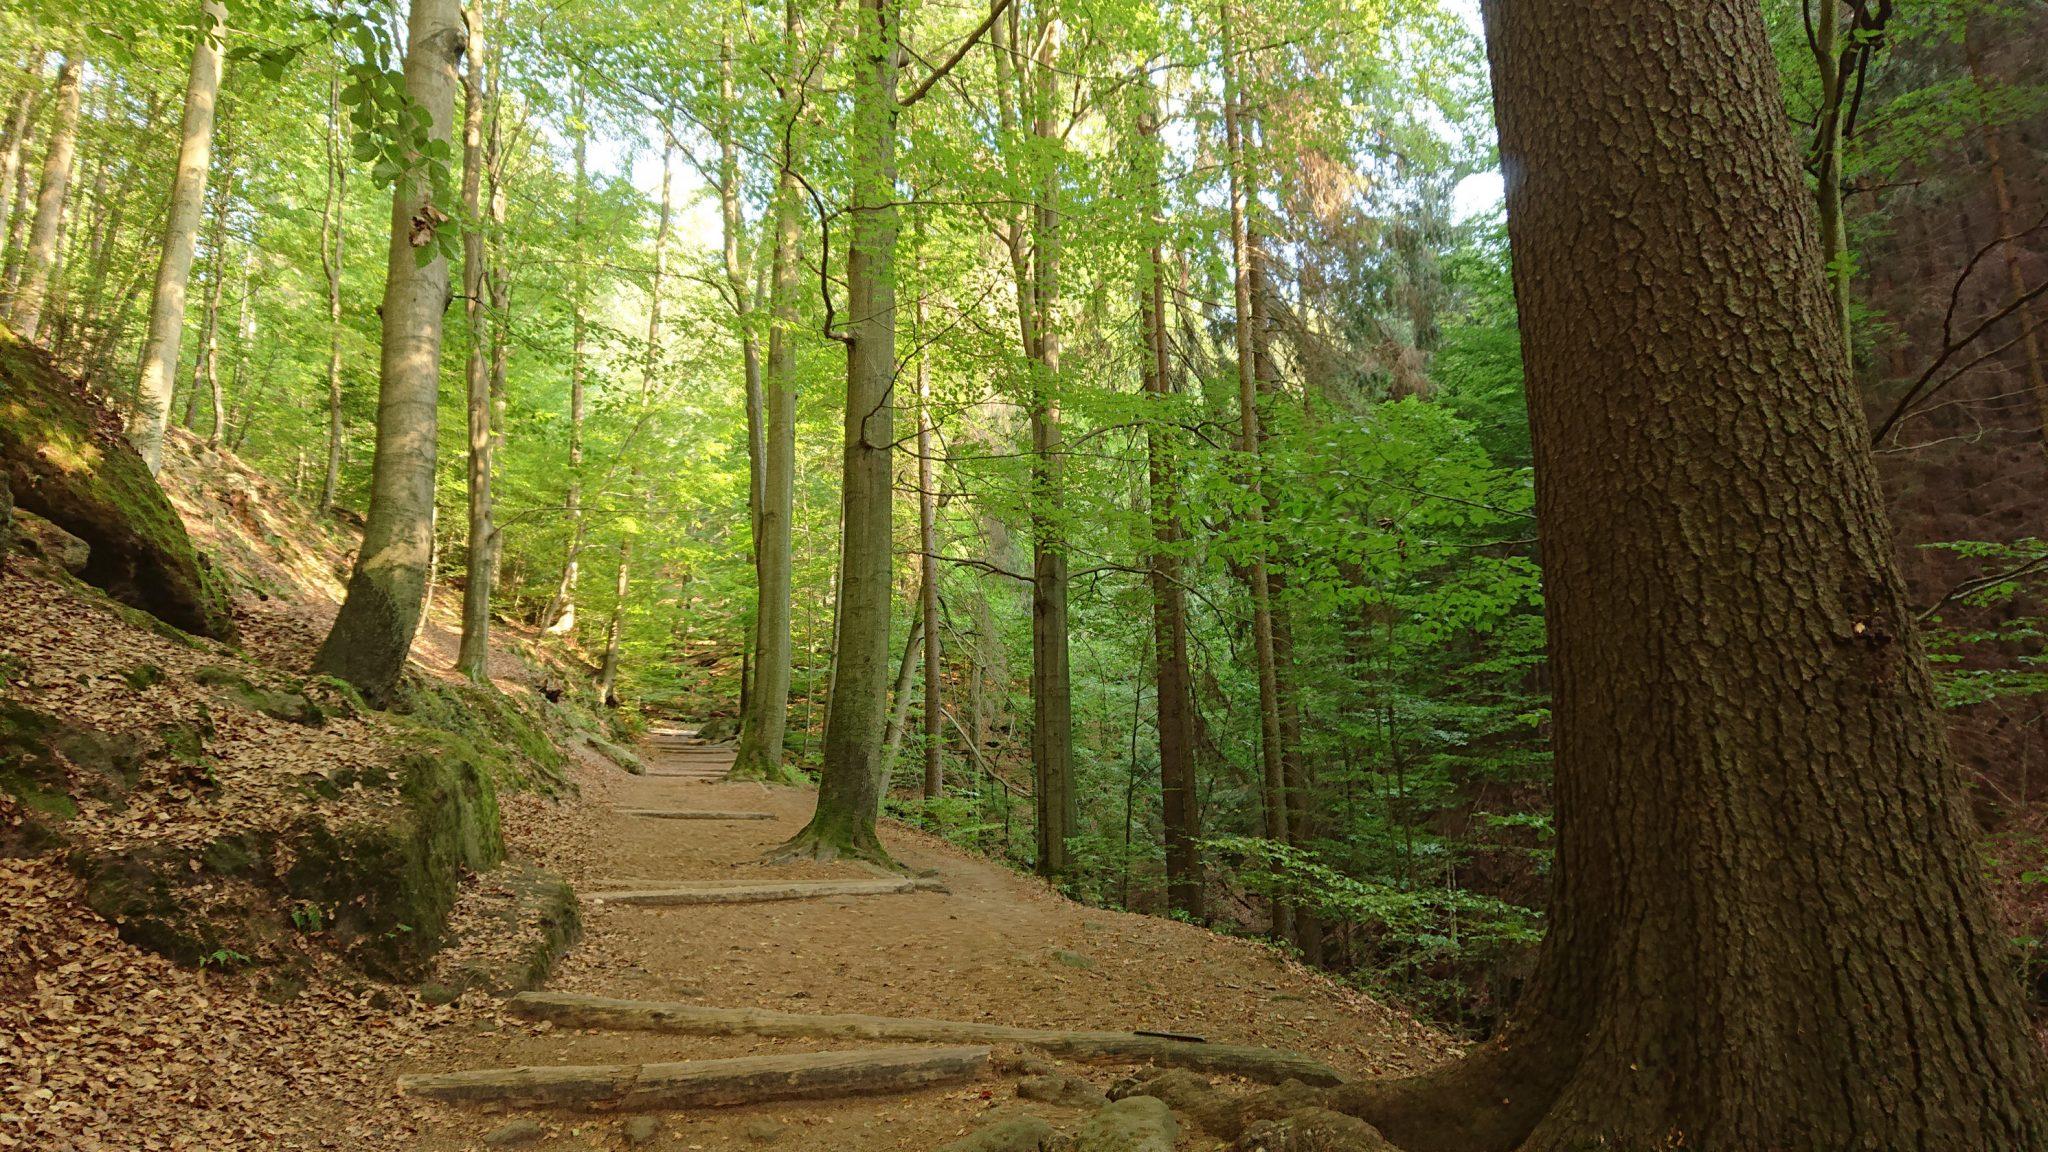 Wanderung zum Kuhstall im Kirnitzschtal, Wanderweg in der sächsischen Schweiz zum beliebten Ausflugsziel Kuhstall, schöner Wald, am späten Nachmittag wenige Leute unterwegs